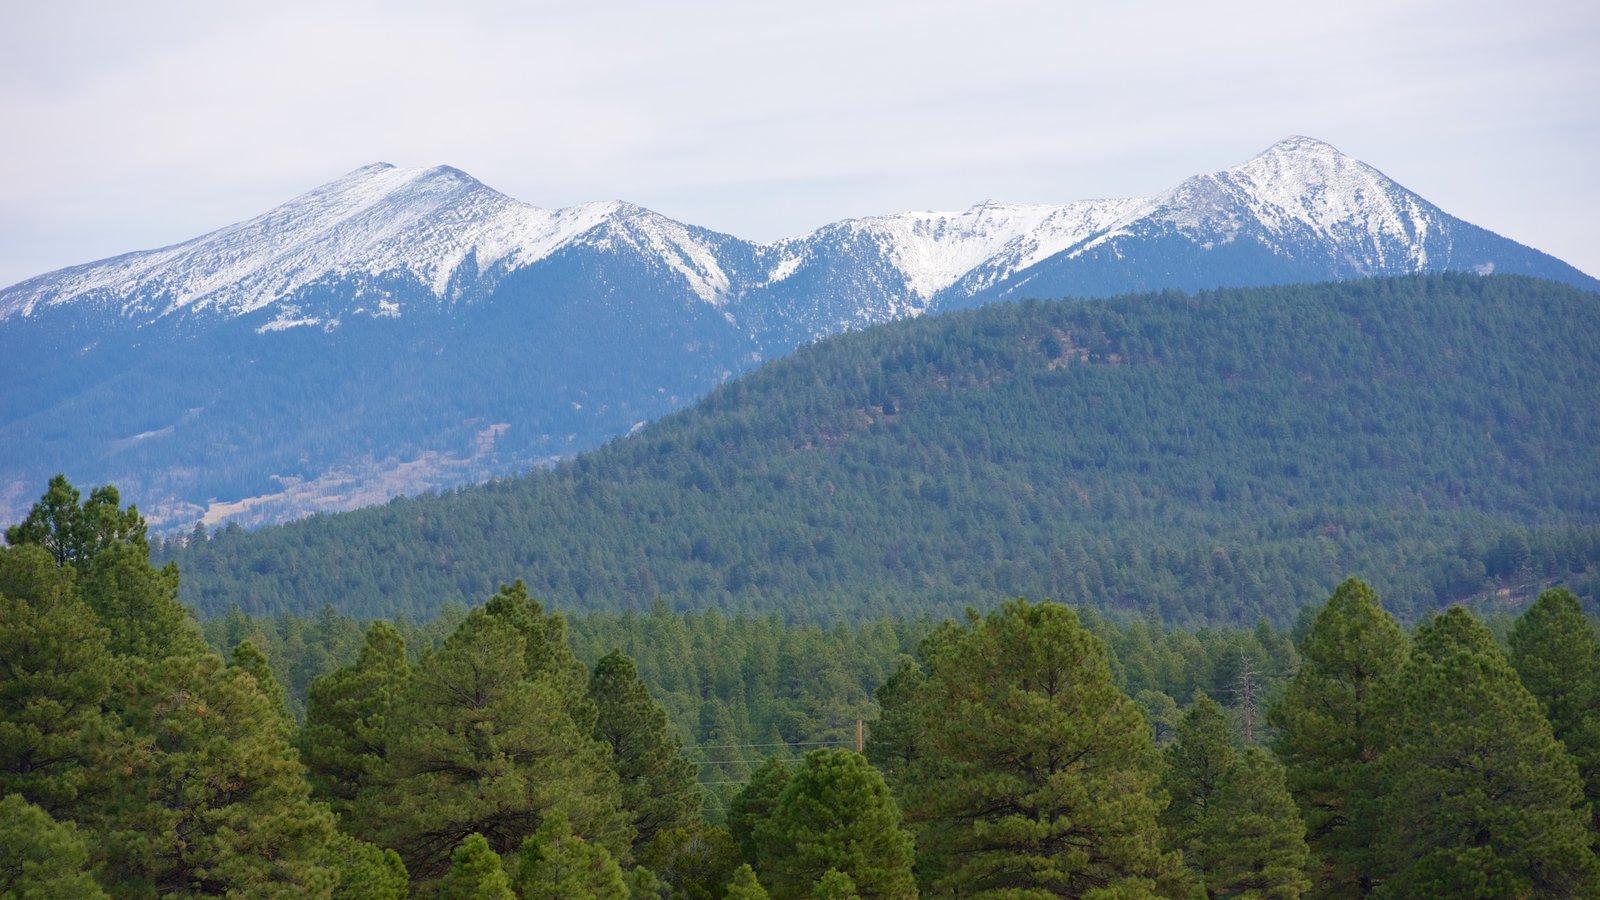 Humphreys Peak caracterizando cenas de floresta e montanhas